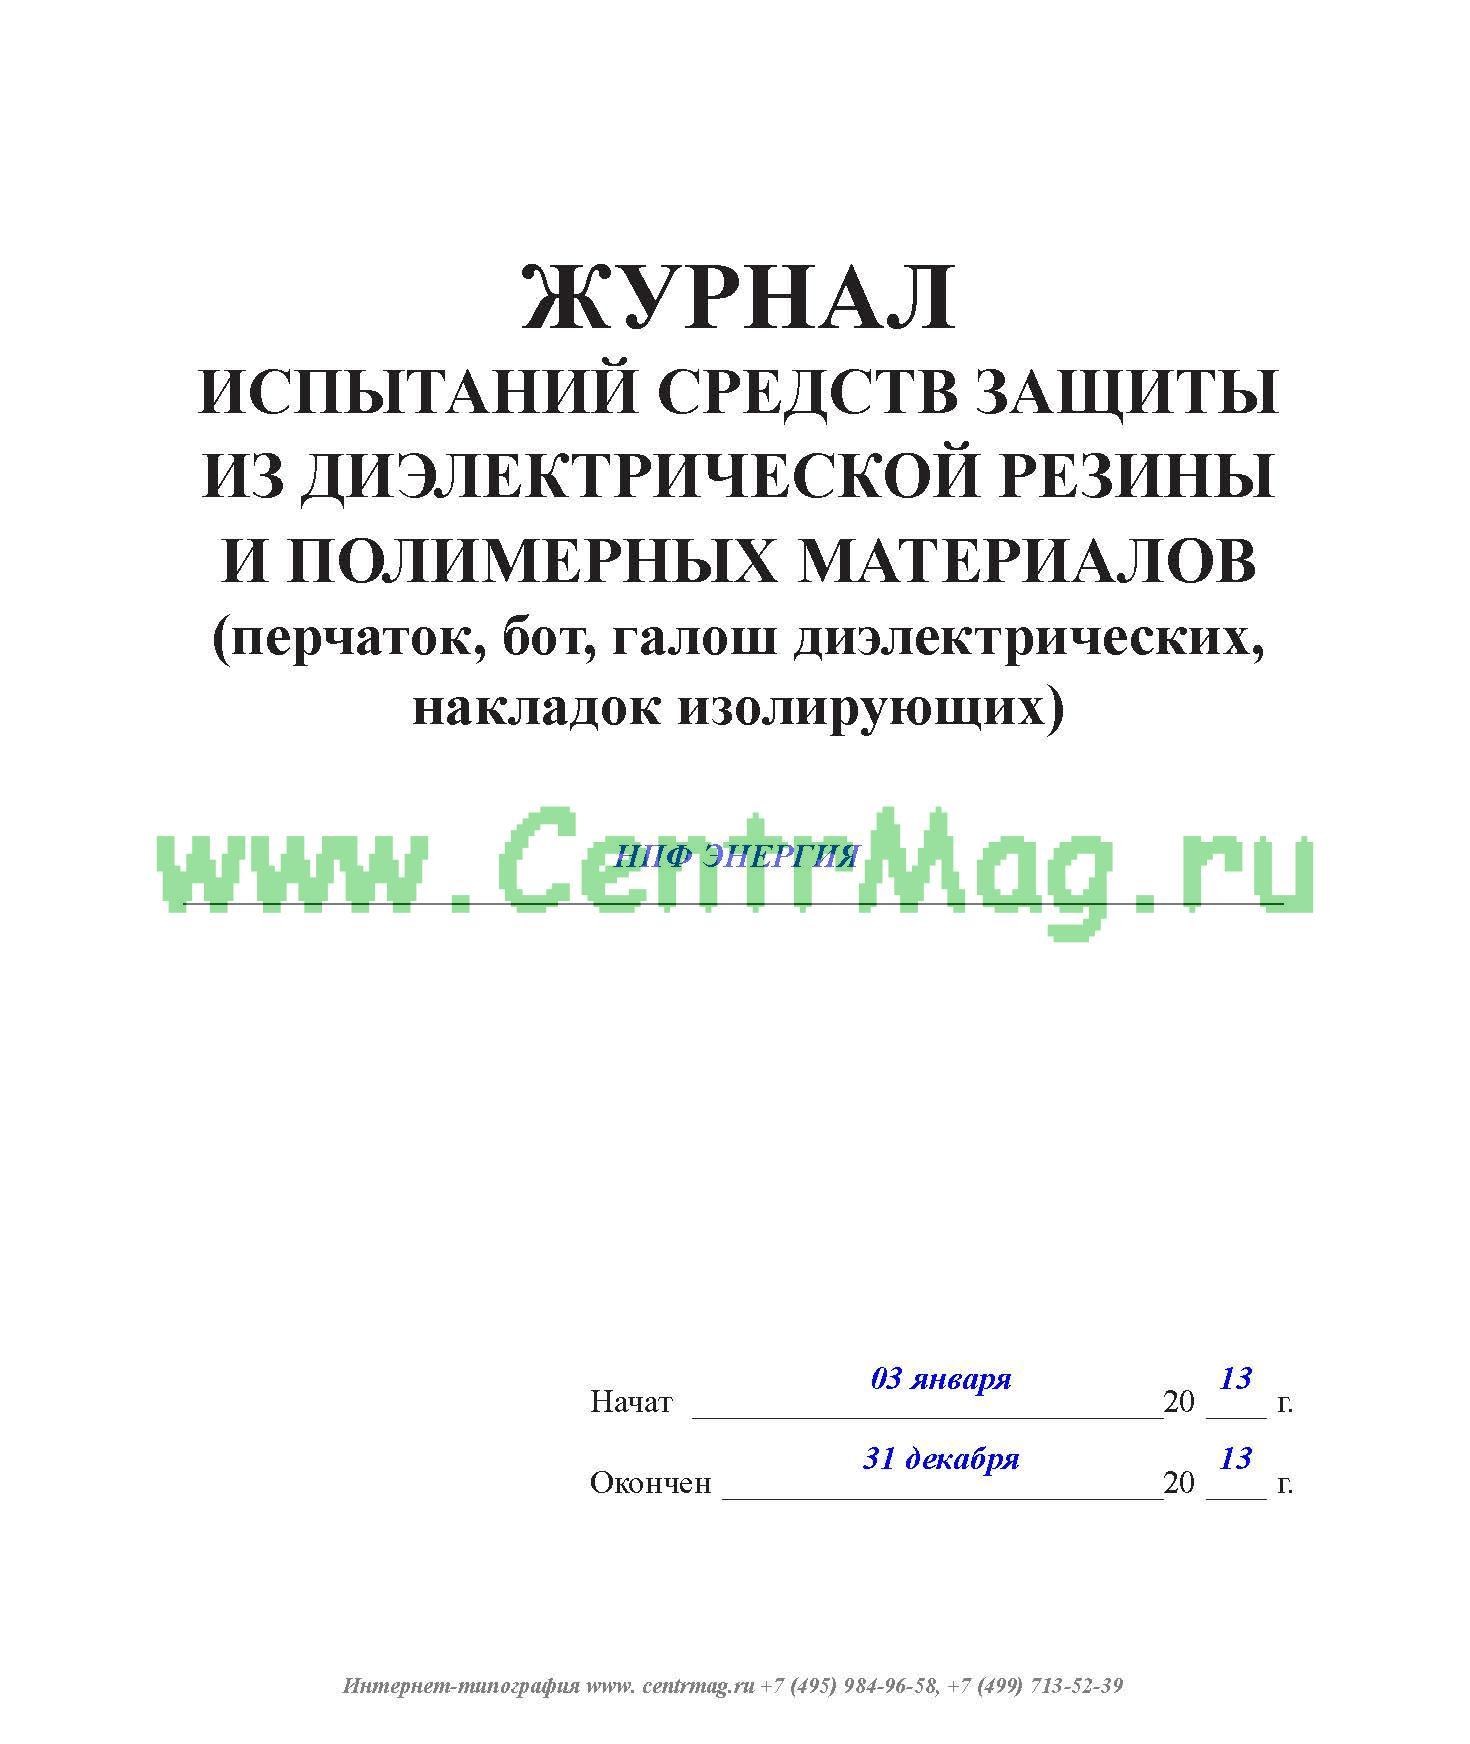 Информация по вопросам производства и переработки полимеров.